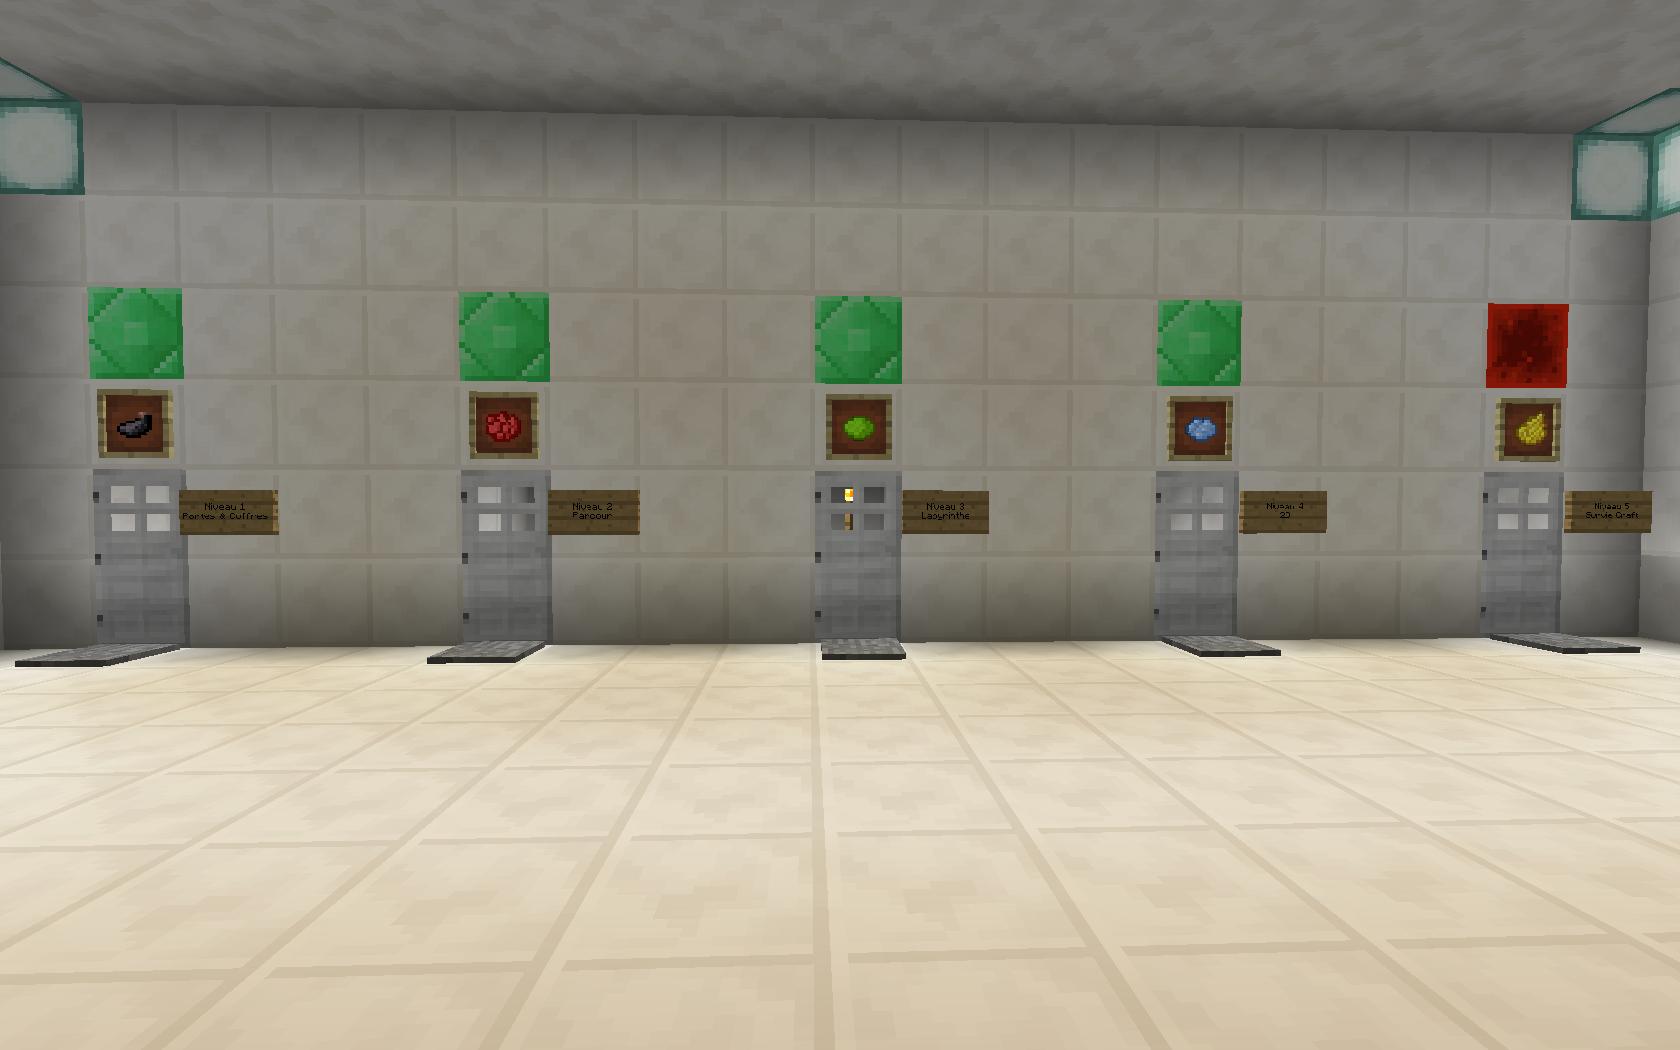 minecraft map aventure the doors